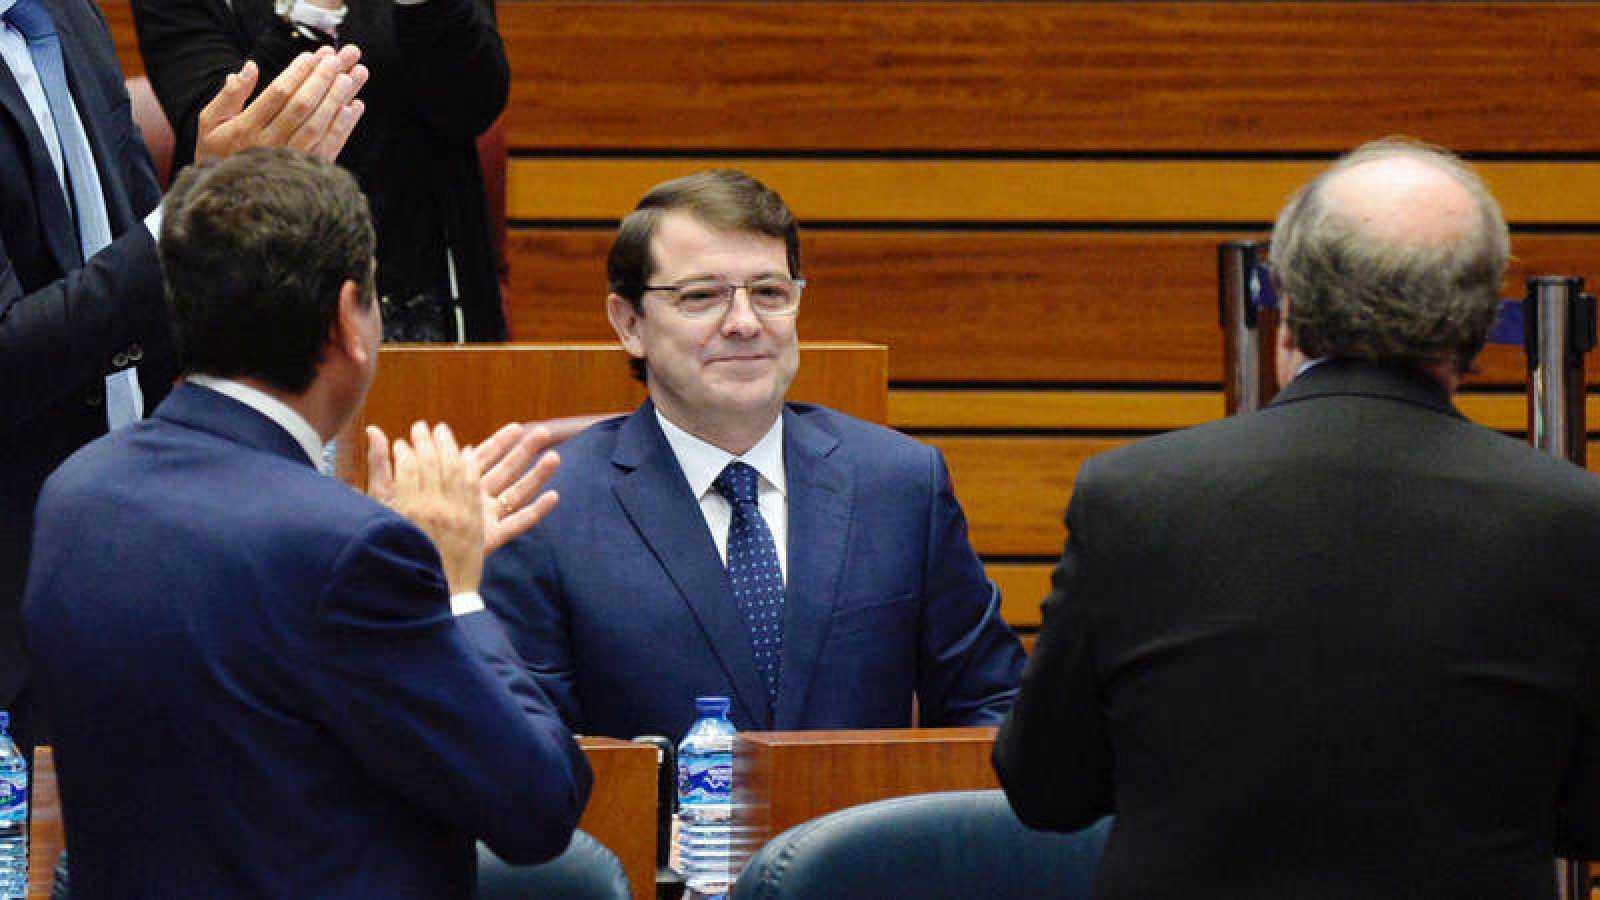 Alfonso Fernández Mañueco (2d), recibe los aplausos de los miembros del Grupo Parlamentario Popular